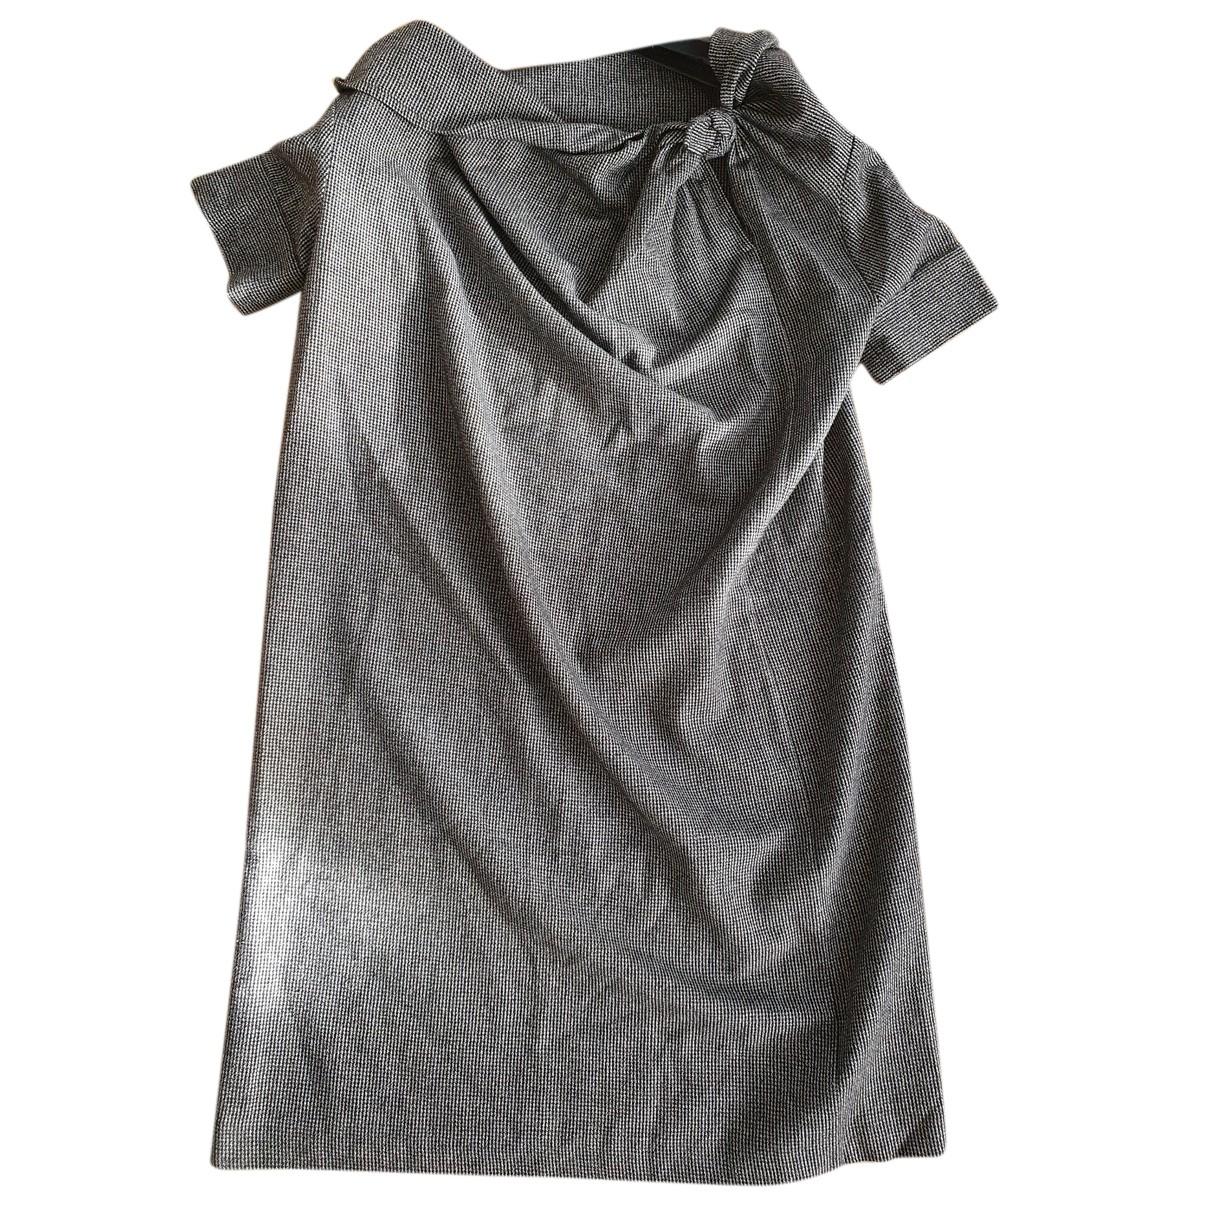 Dries Van Noten - Robe   pour femme en laine - anthracite